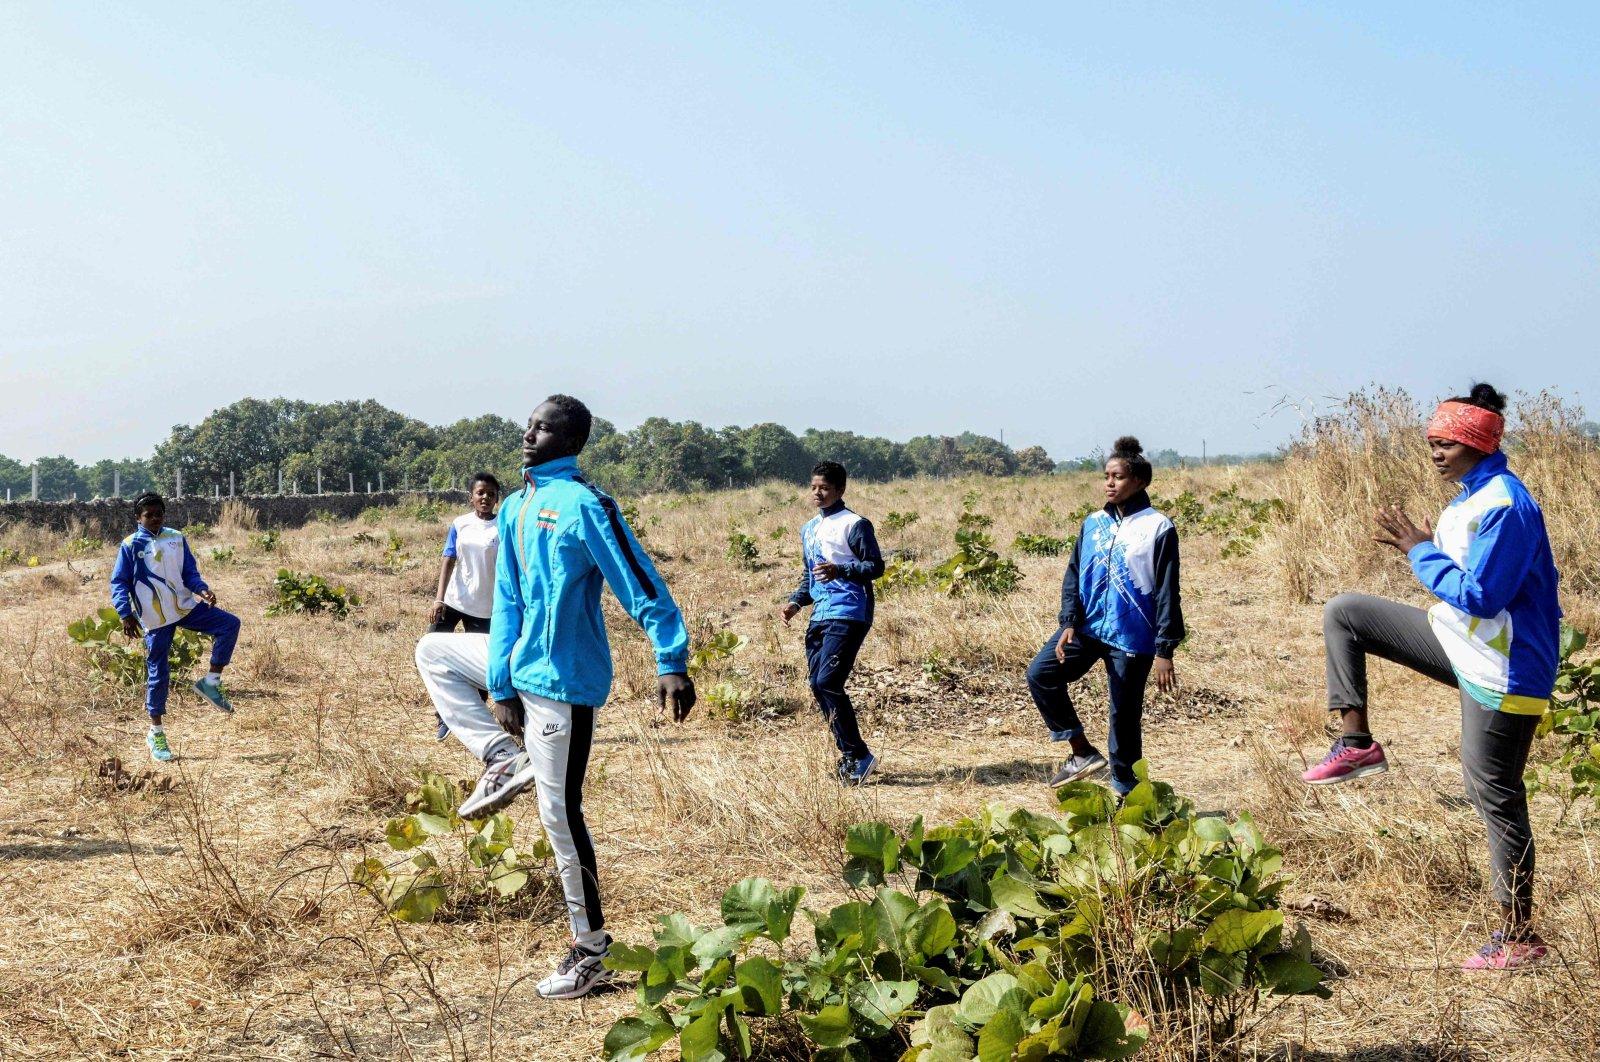 Siddi Youths take part in an exercise routine during an athletes program at Jambur village, in Junagadh district of Gujarat, India, Jan. 6, 2021. (AFP Photo)